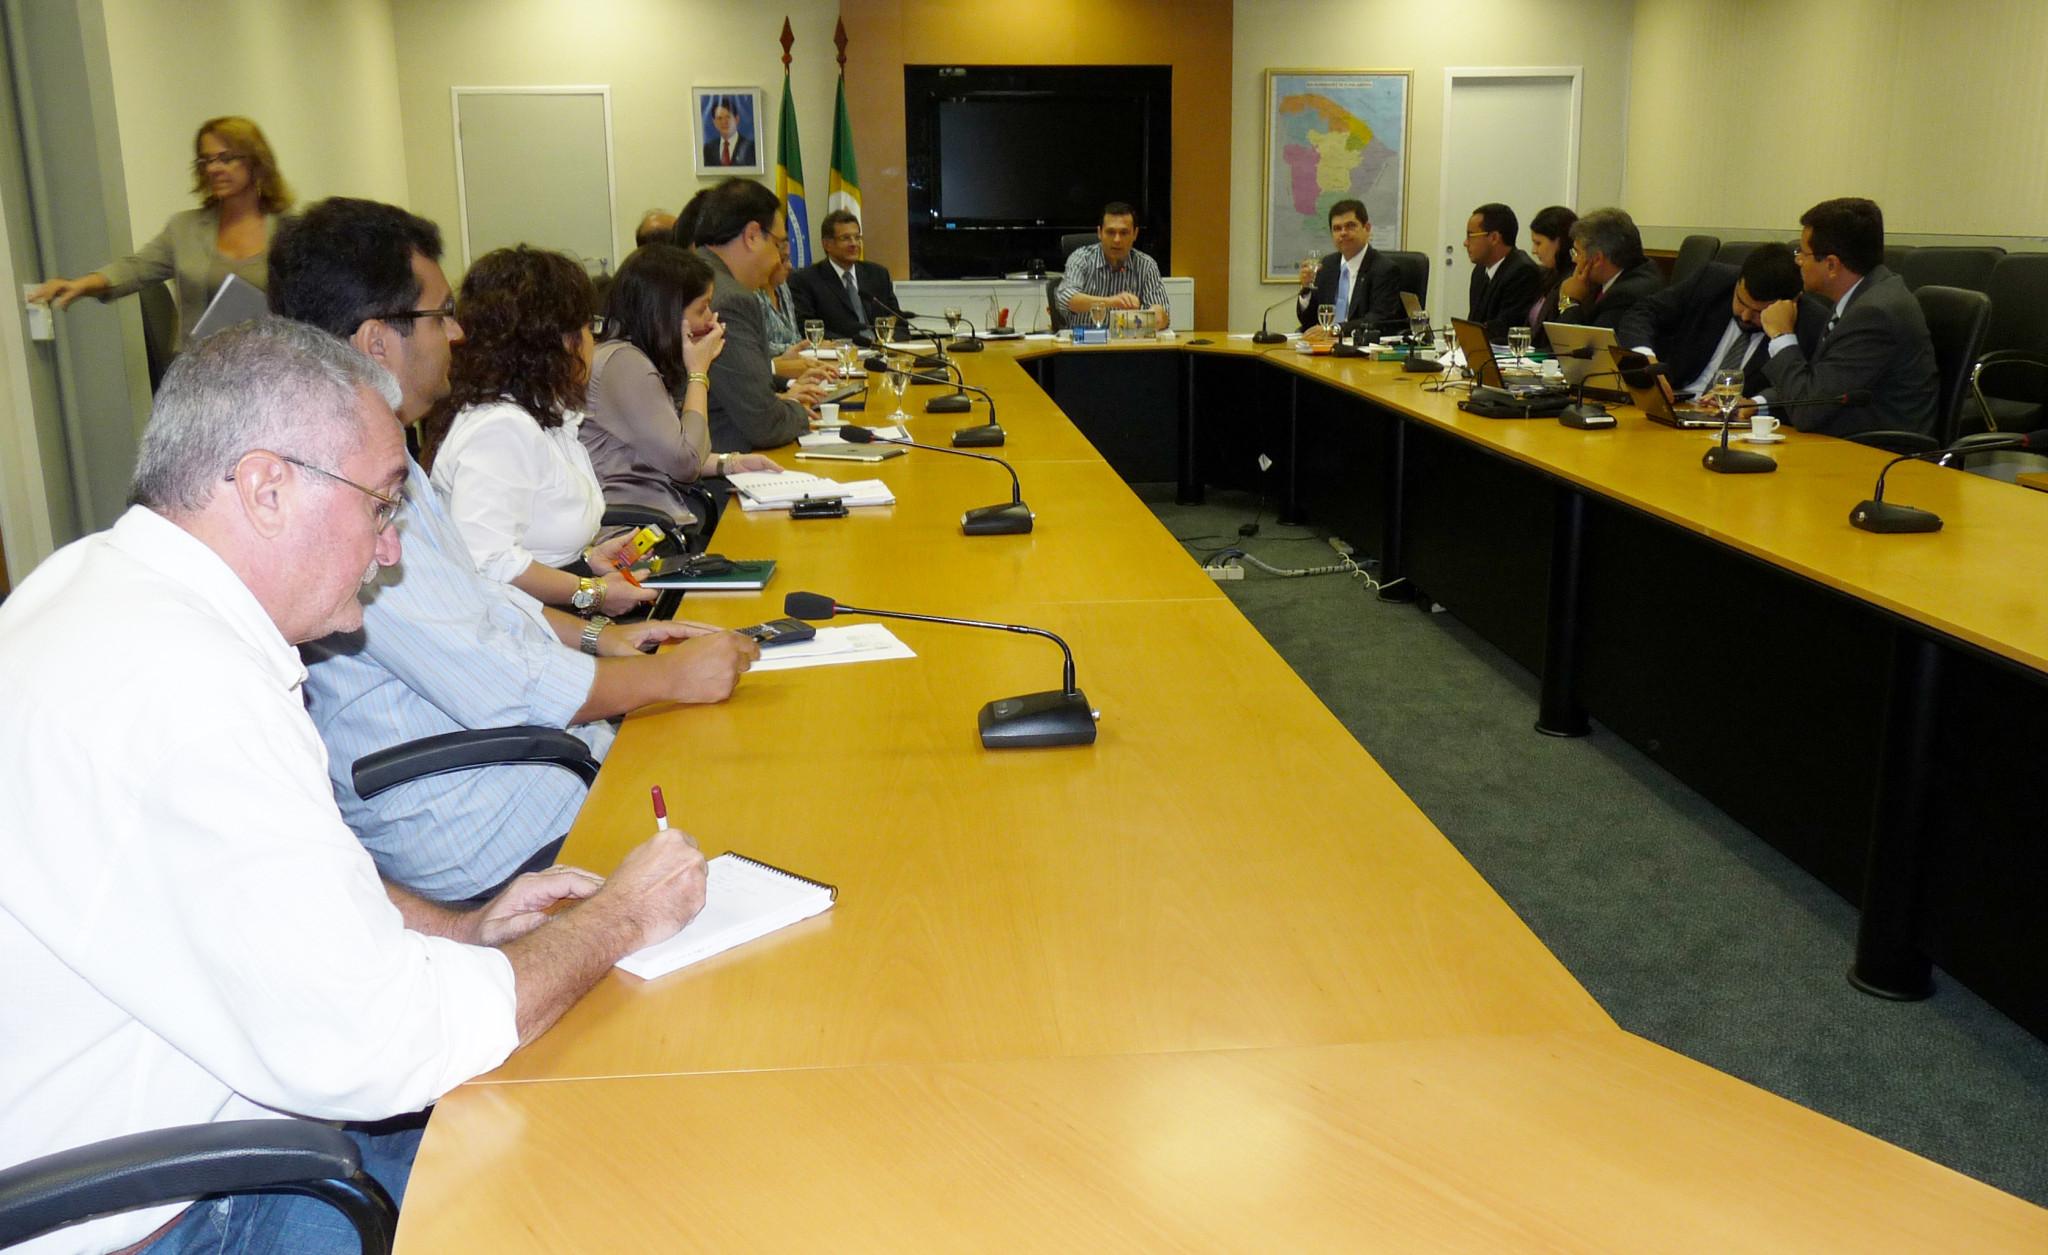 13-06-2012 - Reunião Defensores Públicos - Sala de Reunião Seplag (1)